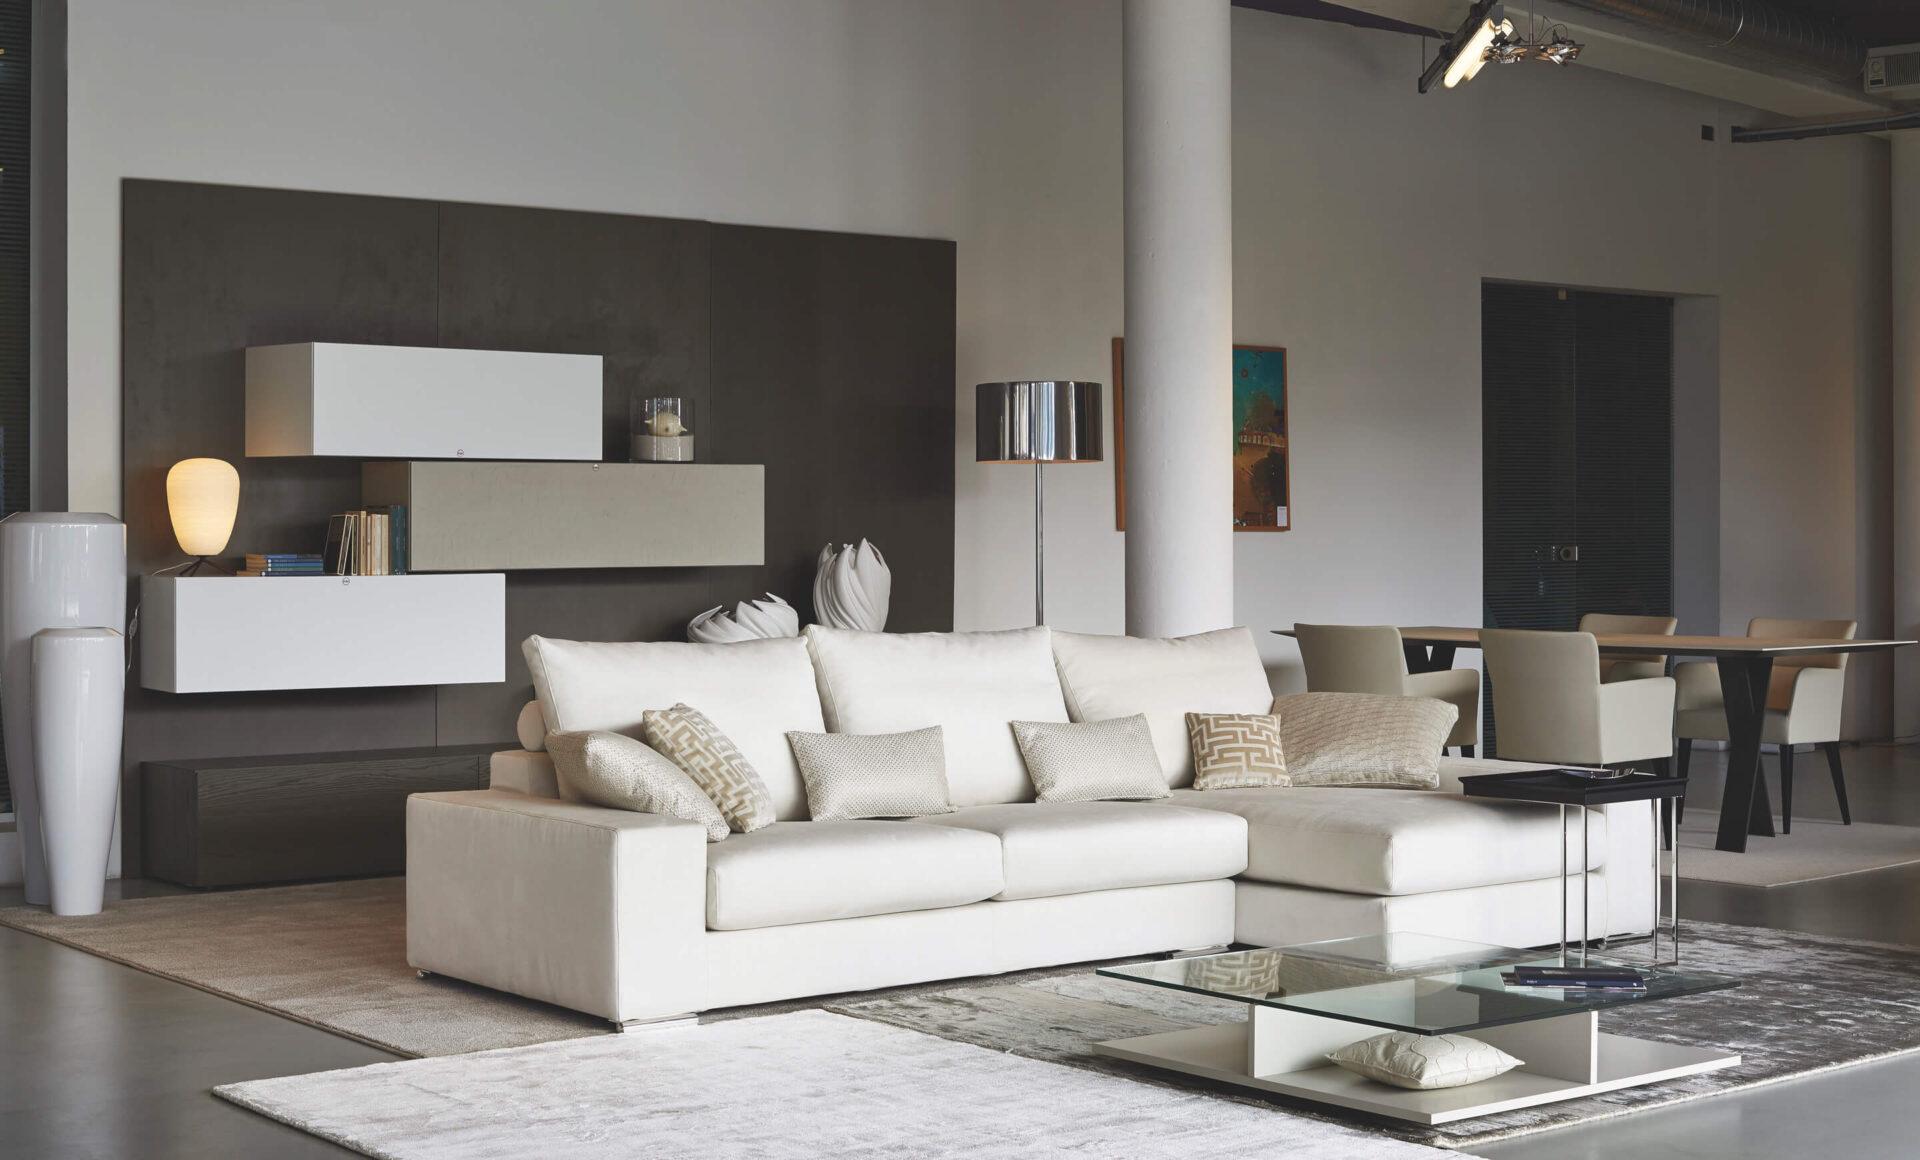 Fabbrica Divani A Brescia maxime | mazzoli italian manufacturers | sofas and armchair